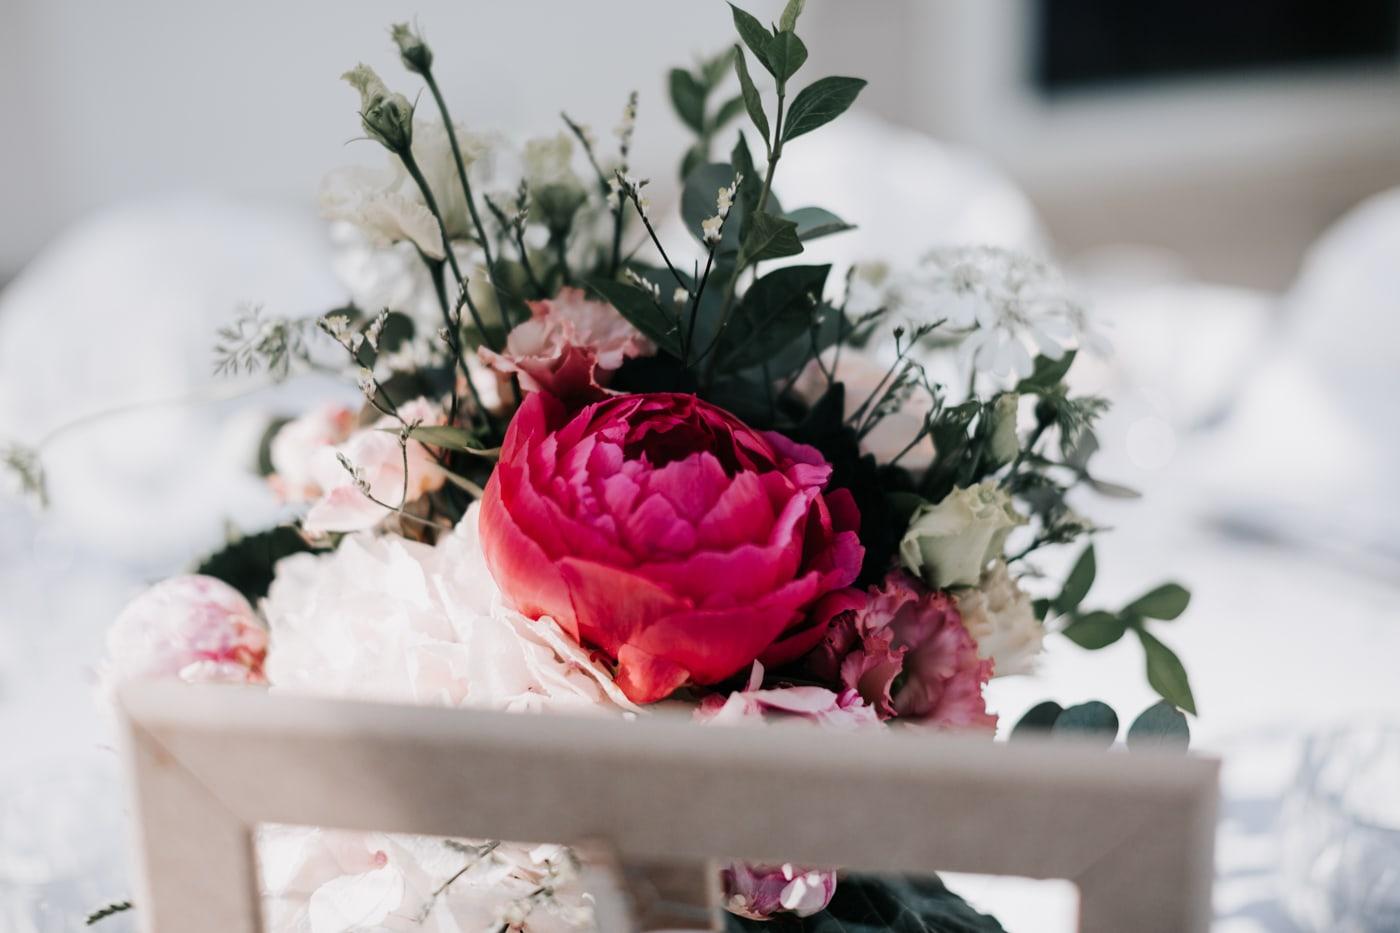 décoration florale Virginie D'alessio-Mariage au domaine de la baratone-delphine Closse